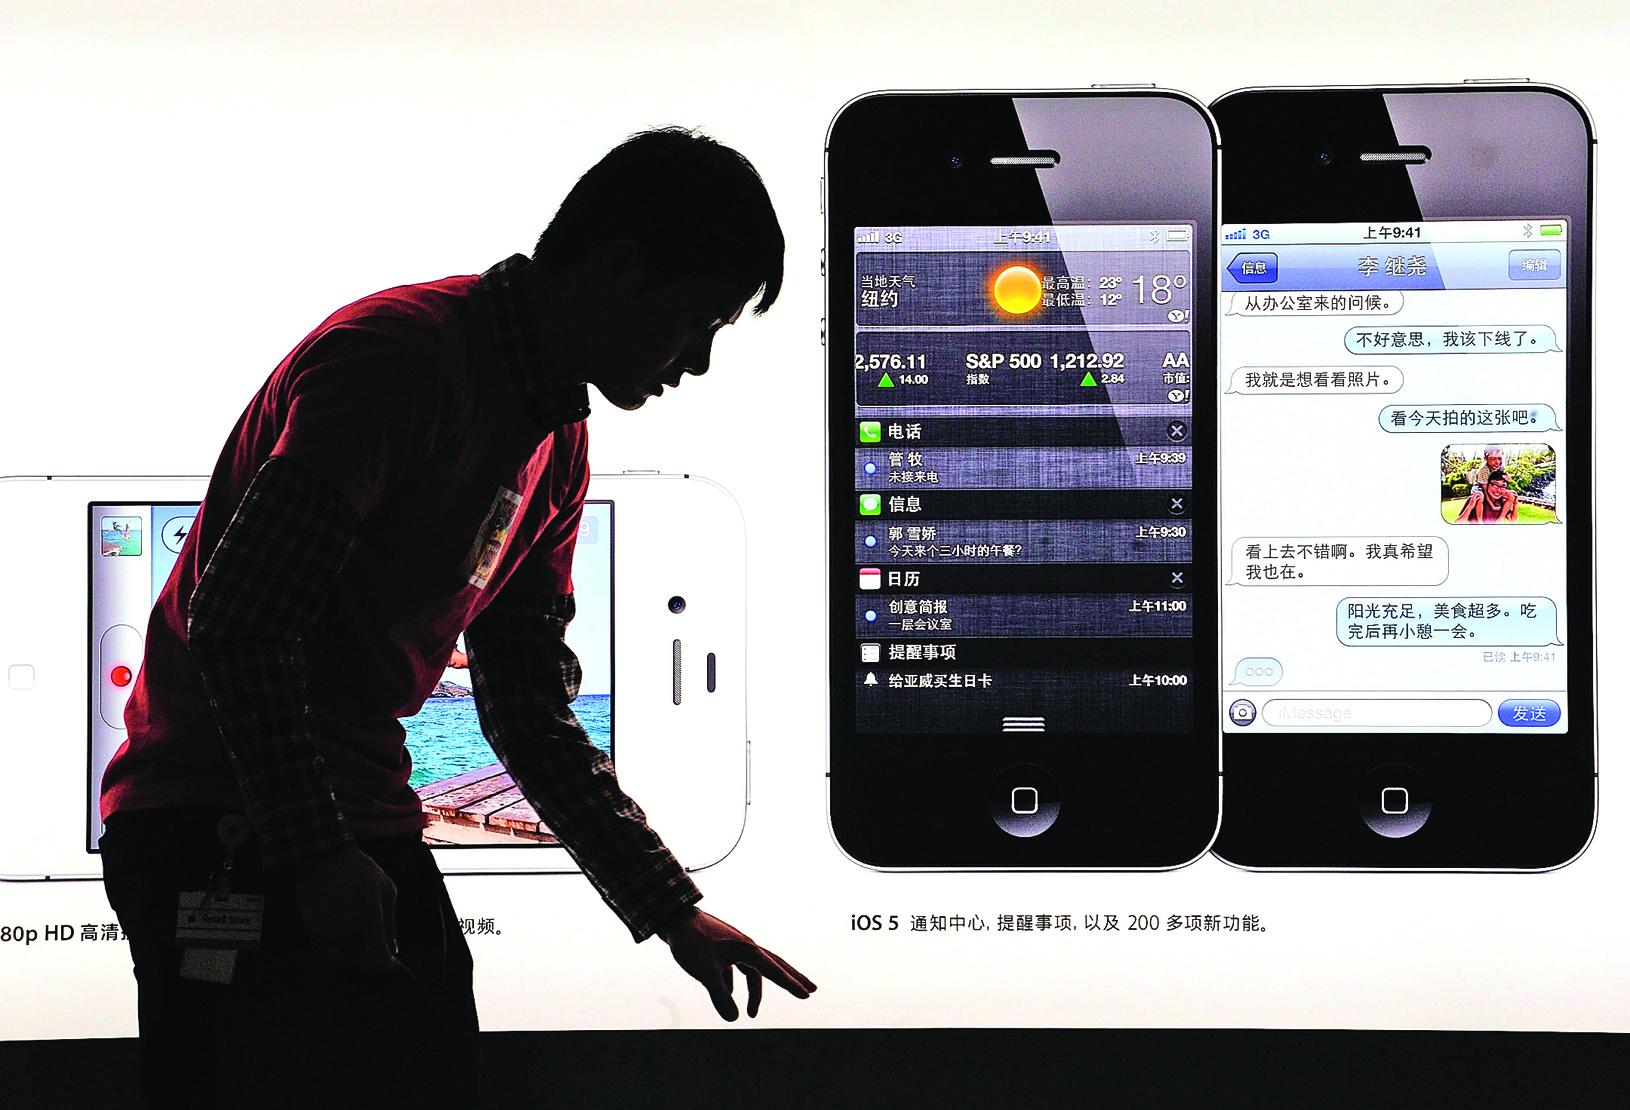 中共網信辦要求應用程式提供者對註冊用戶進行真實身份認證,並且保存用戶日誌信息60天。(Getty Images)